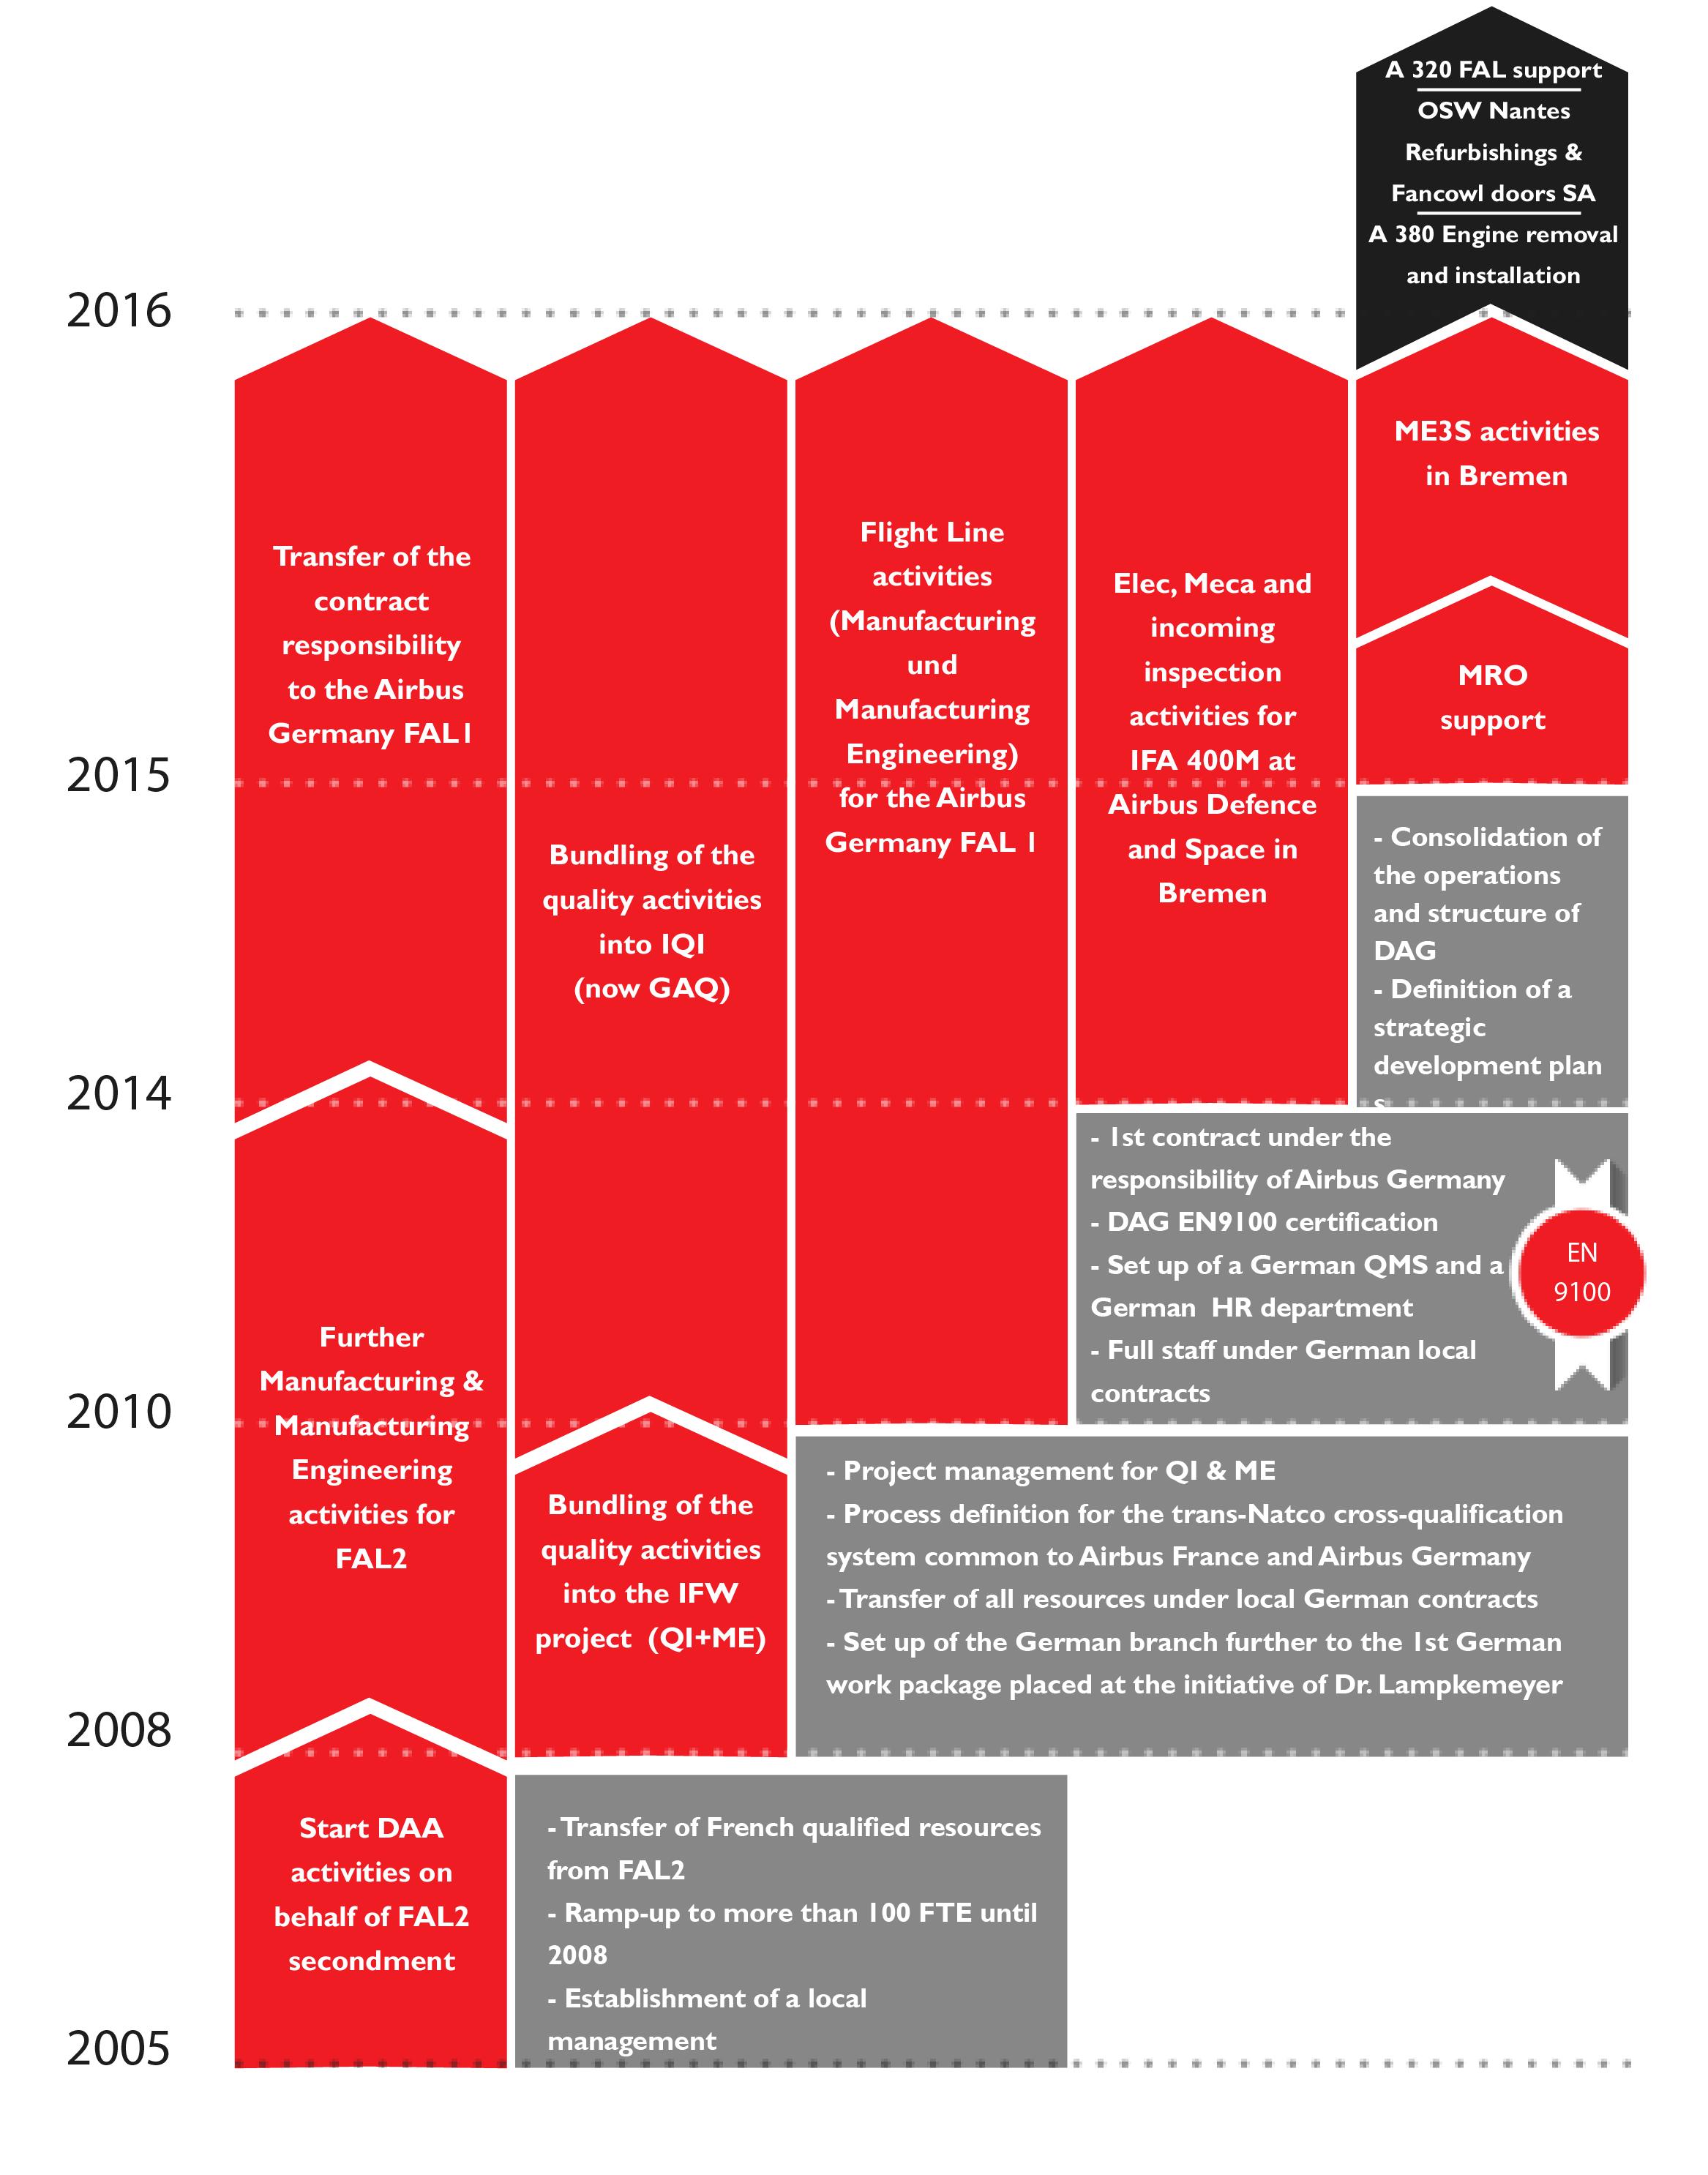 The subsidiary Timeline